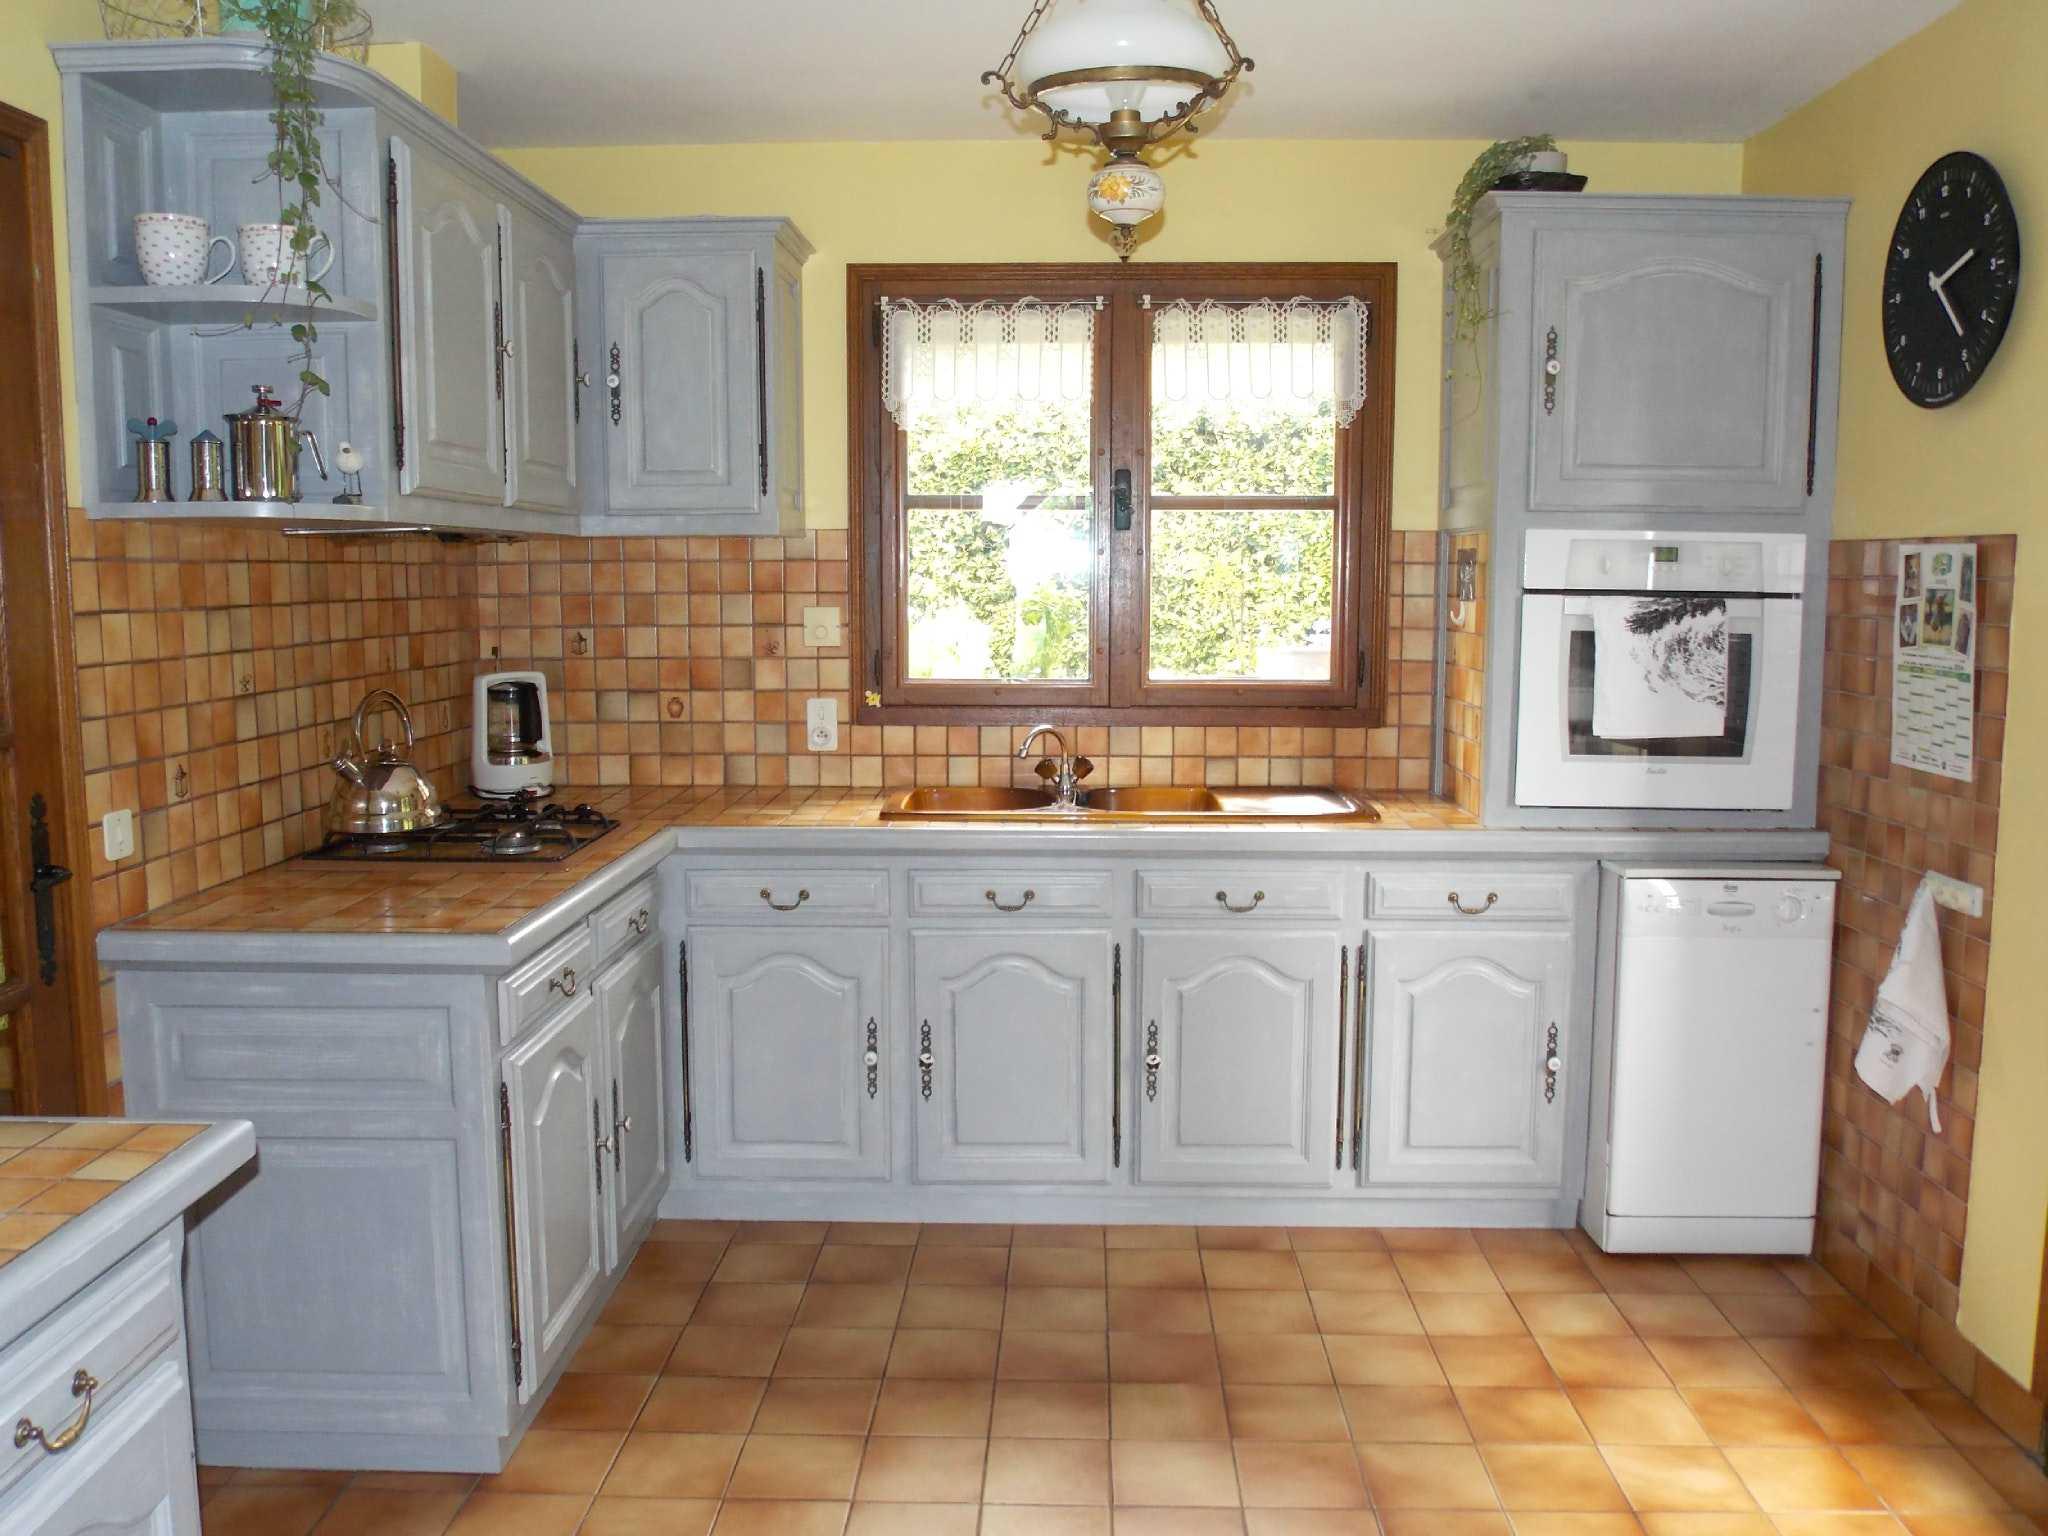 Modele cuisine rustique repeinte maison - Meuble de cuisine rustique ...